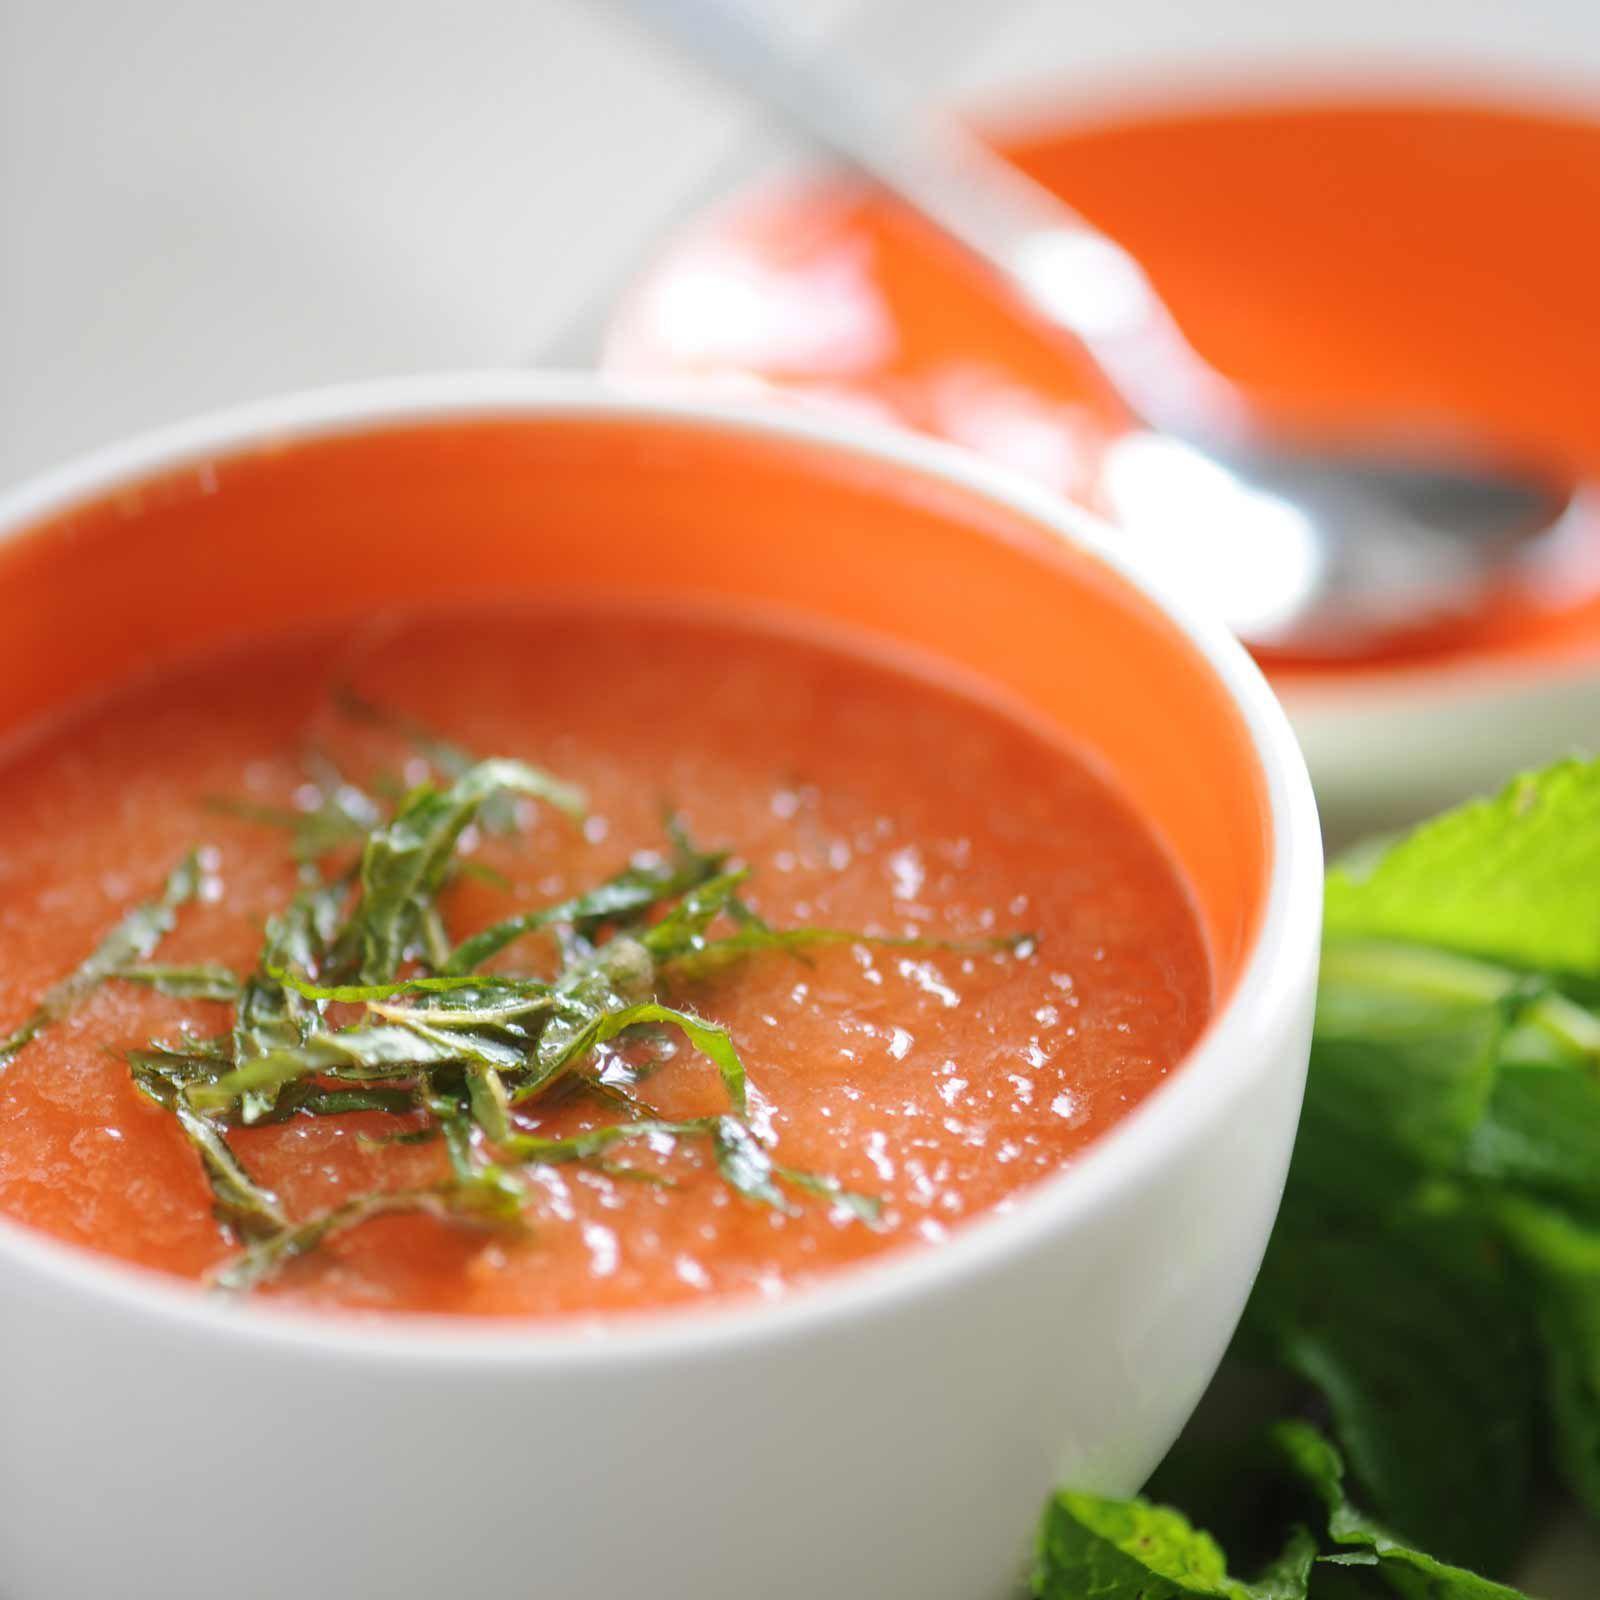 Découvrez la recette Soupe de melon au muscat sur cuisineactuelle.fr.